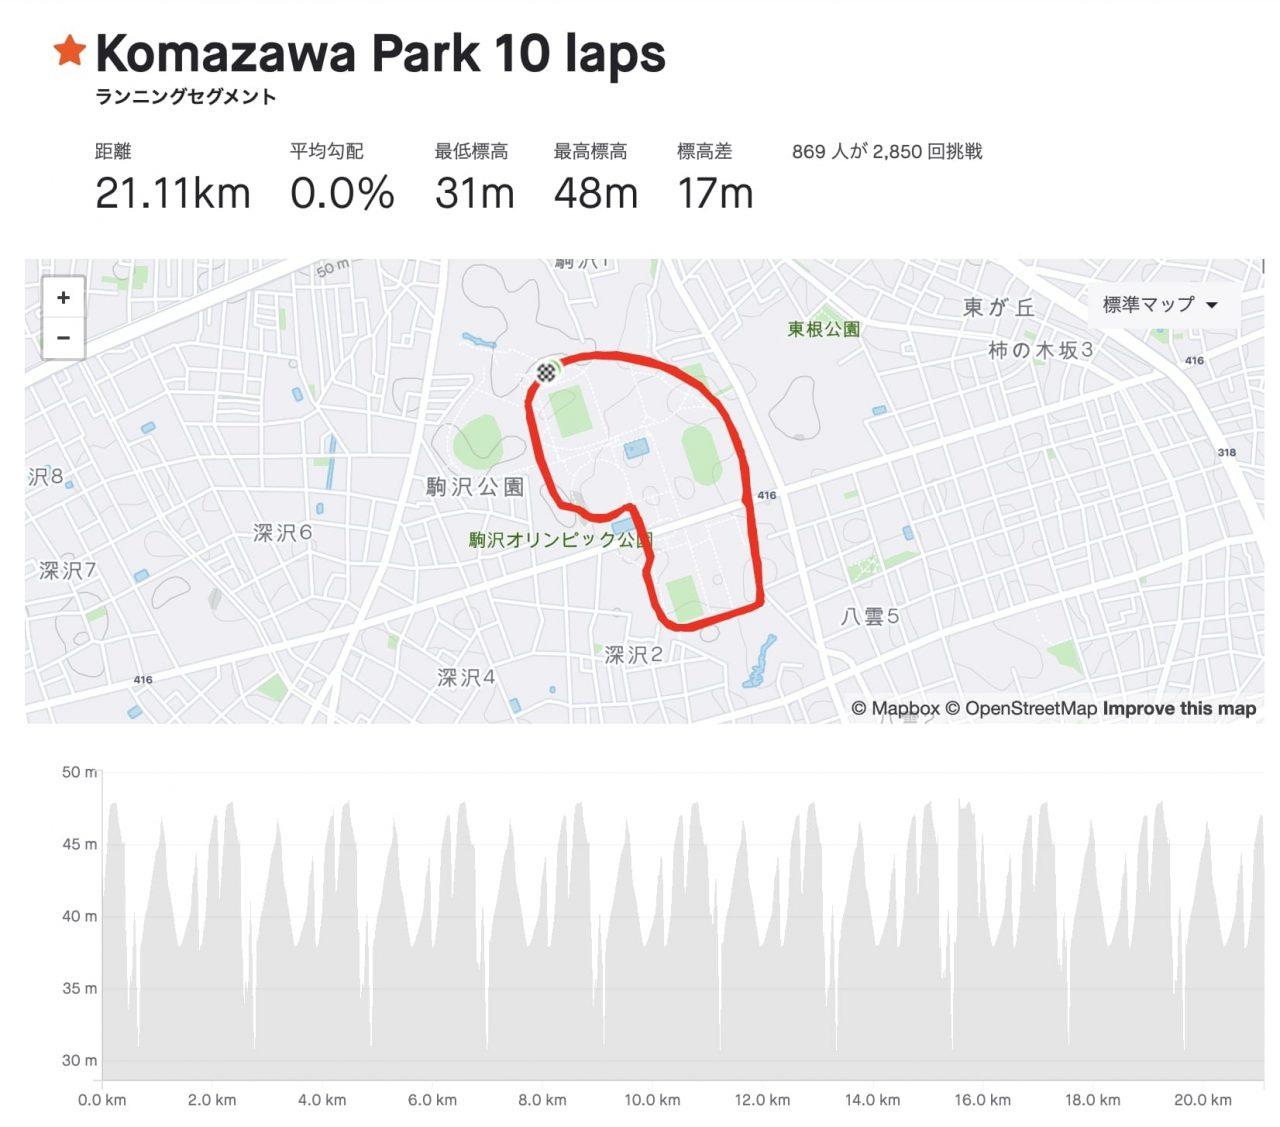 Komazawa Park 10 laps